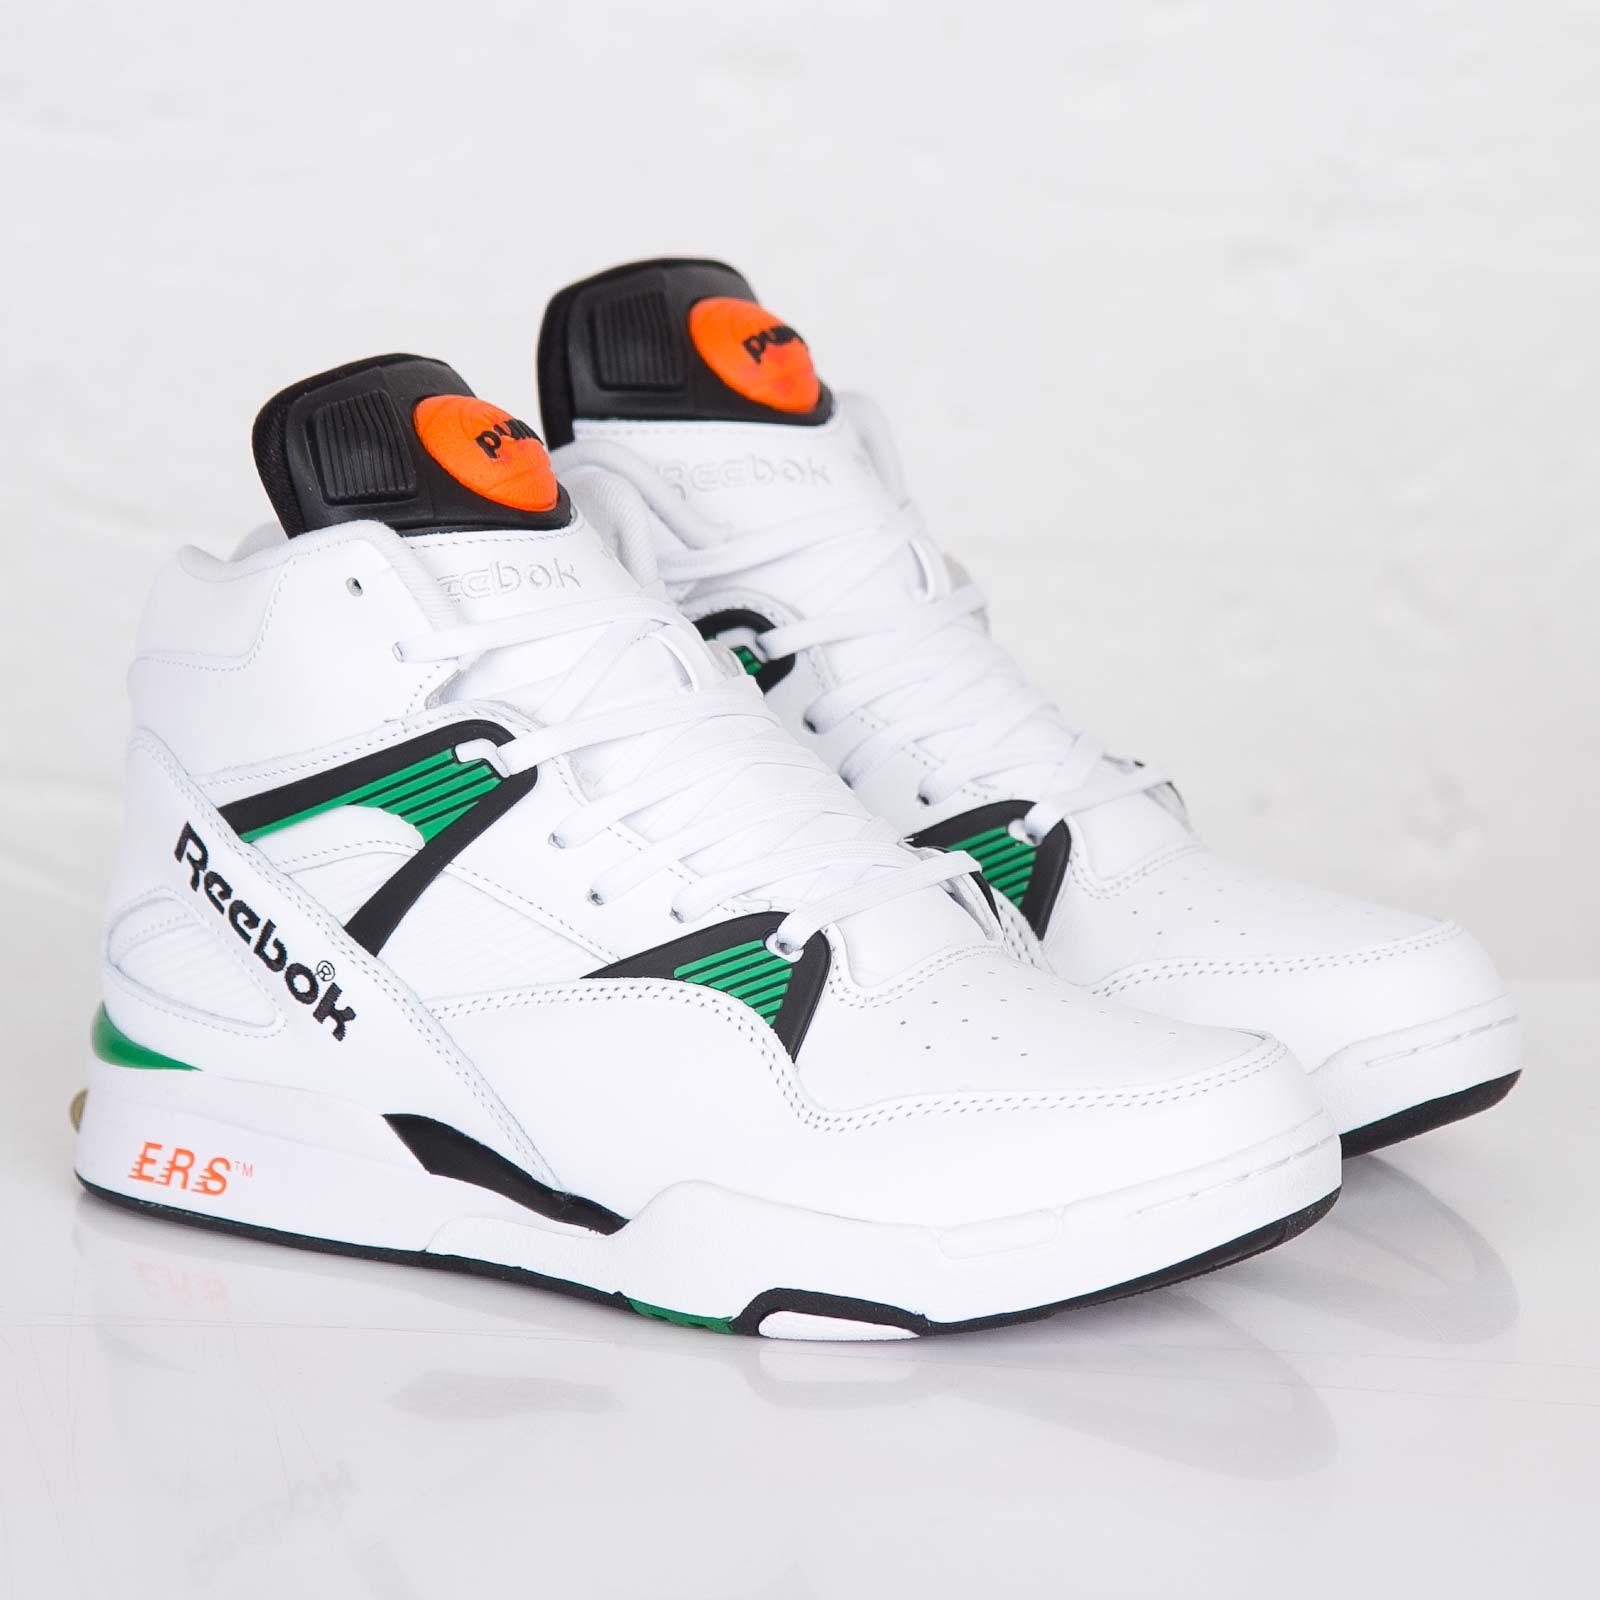 Reebok Pump Omni Zone Retro - V60502 - Sneakersnstuff  859e20e6a